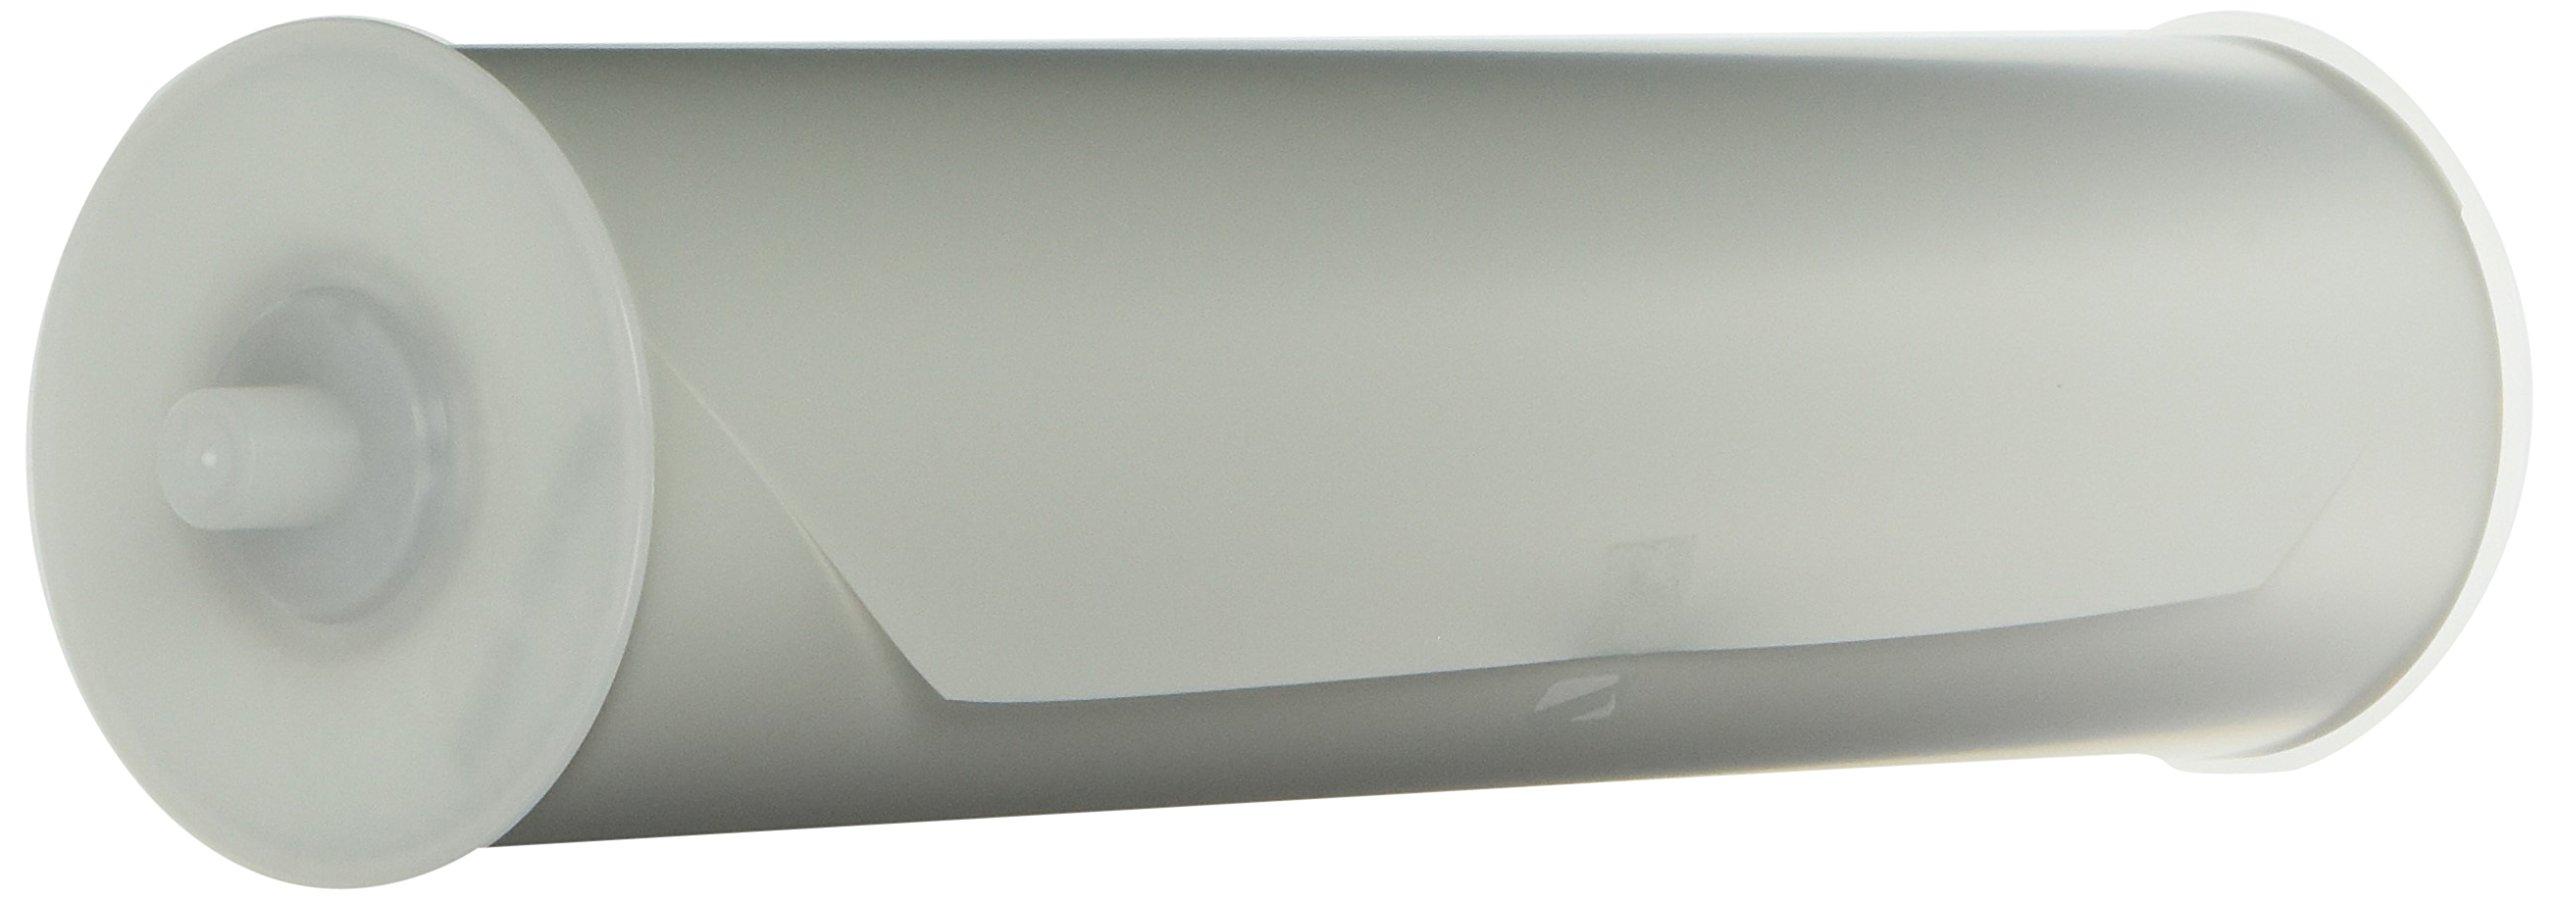 Covidien 31422960 Sony UPP-210SE Digital Imaging Media, Black and White (Pack of 5)